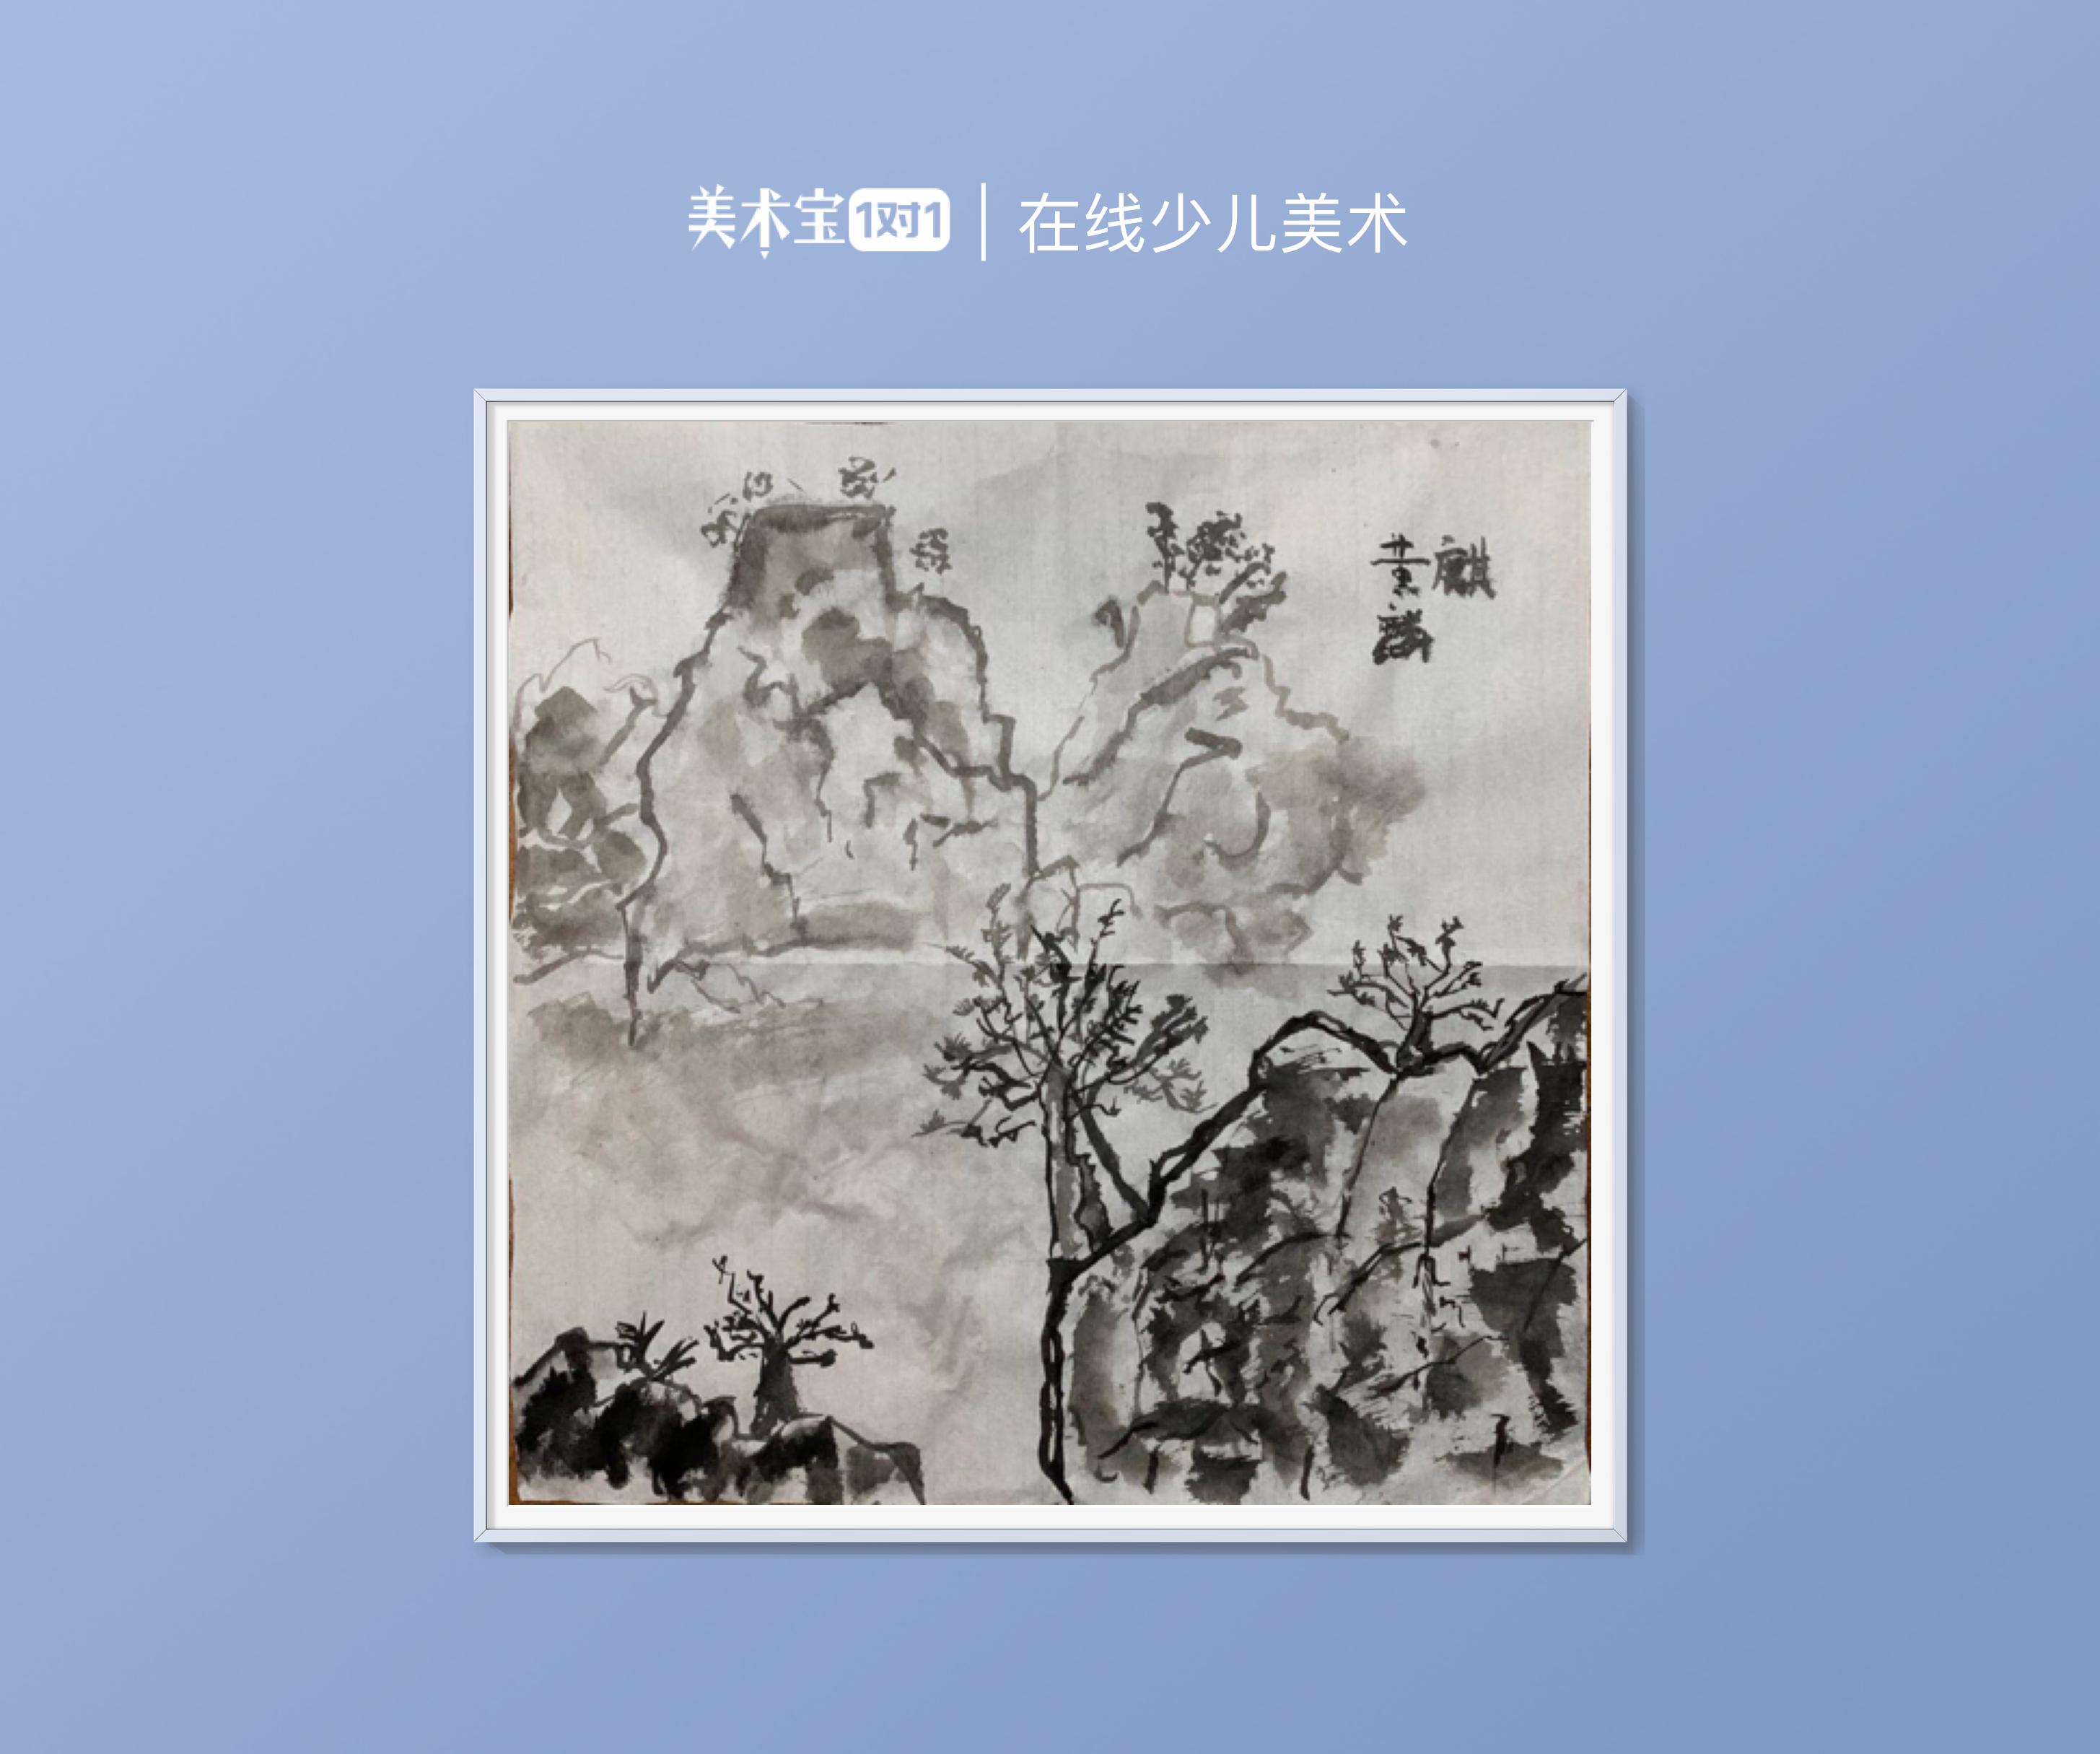 水墨运用《山水(2)—山与树的组合》